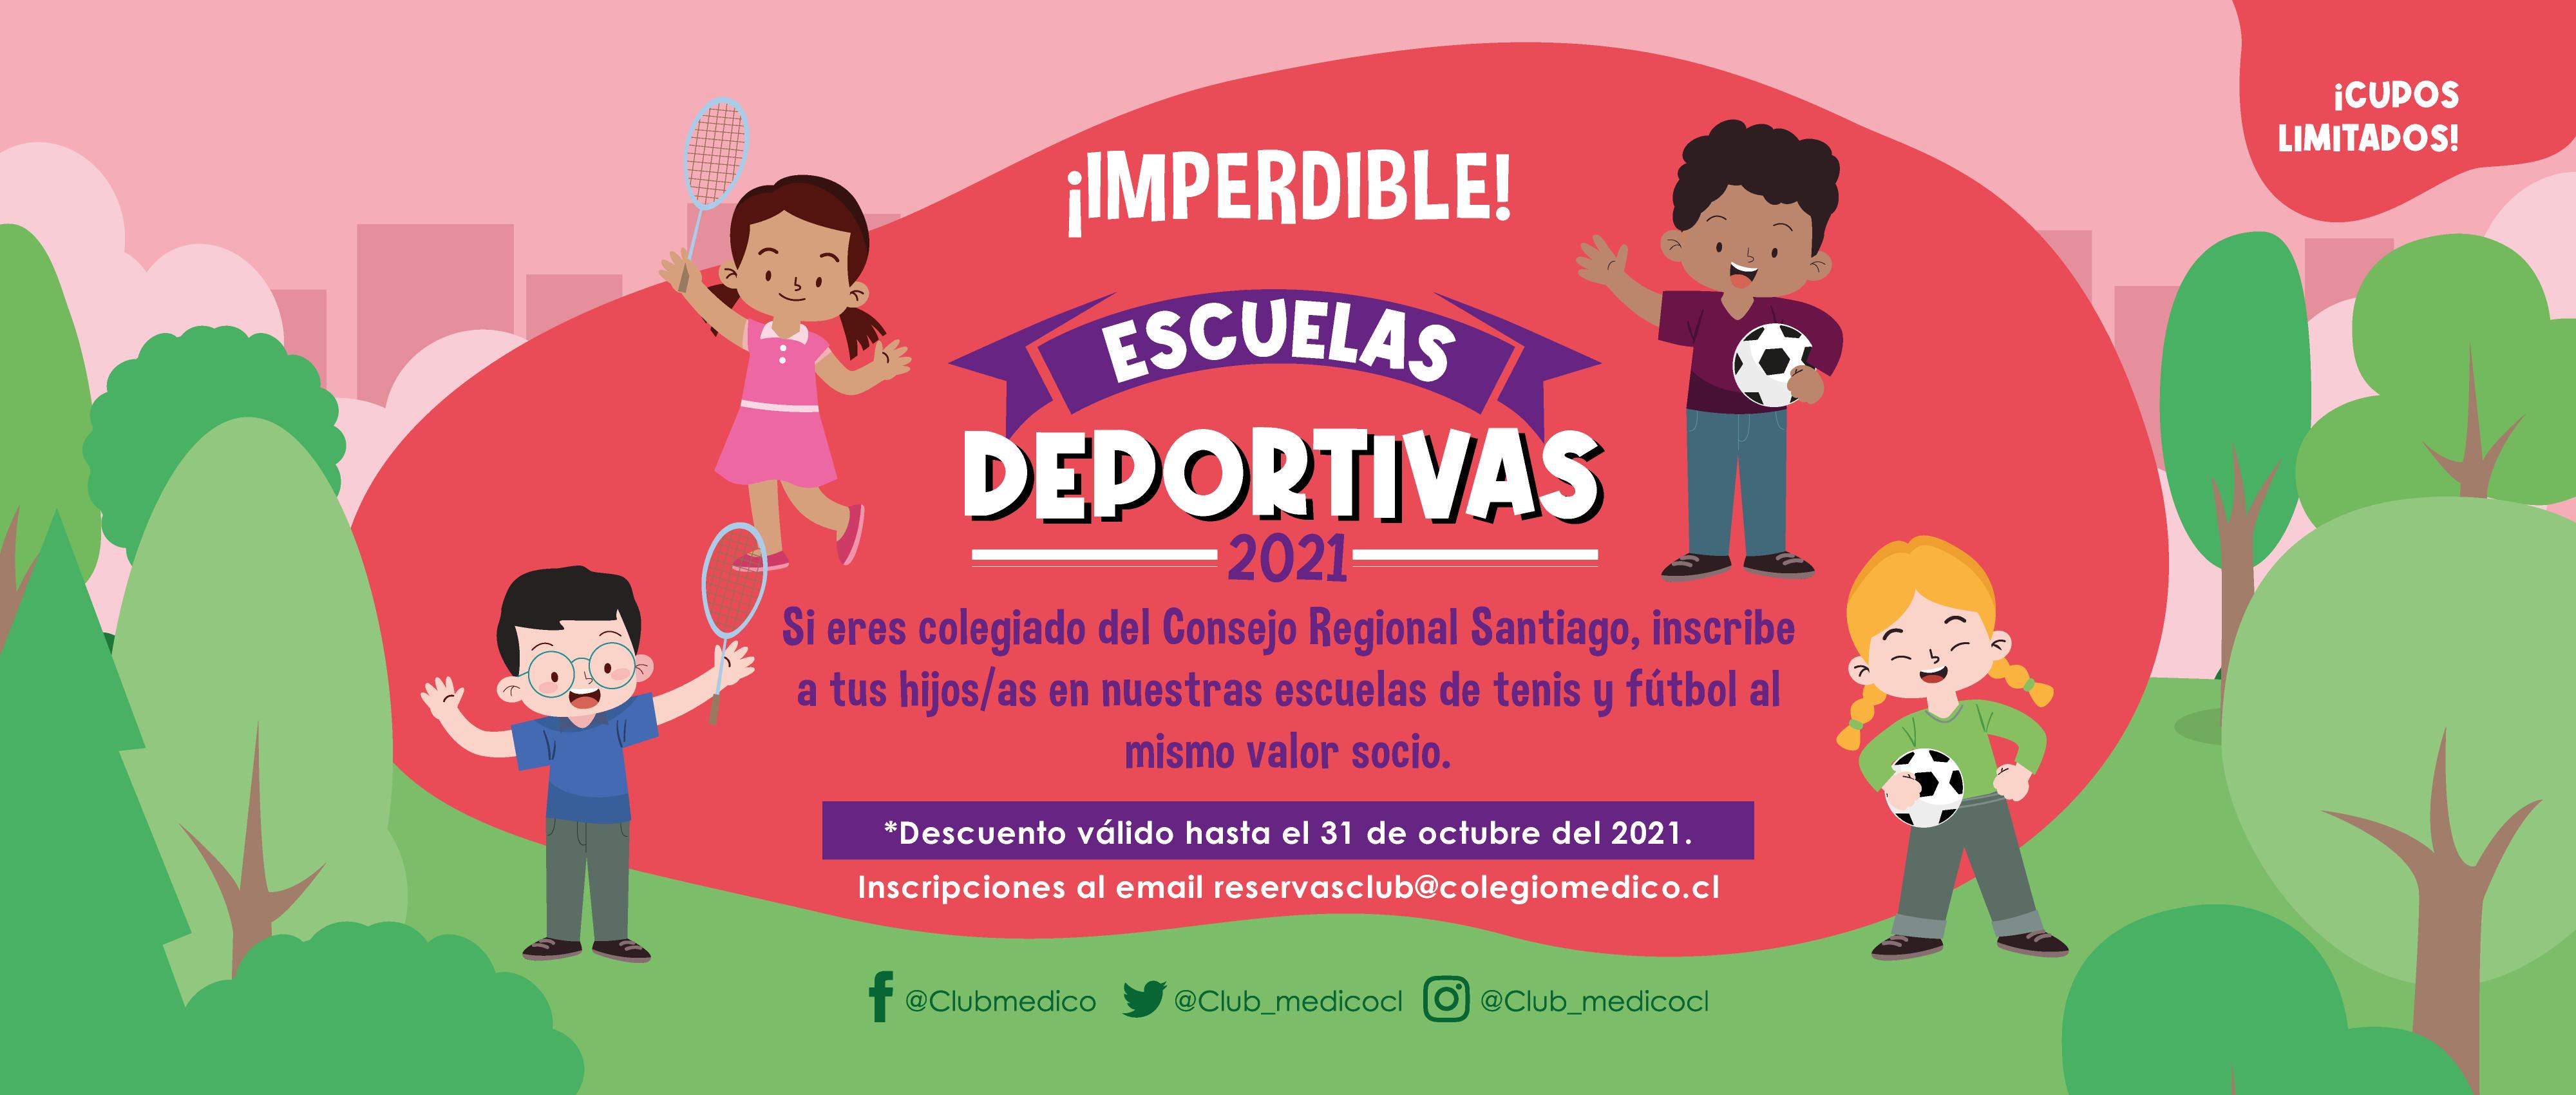 Banner-EscuelasDeportivas-imperdible-CubMedico-v3